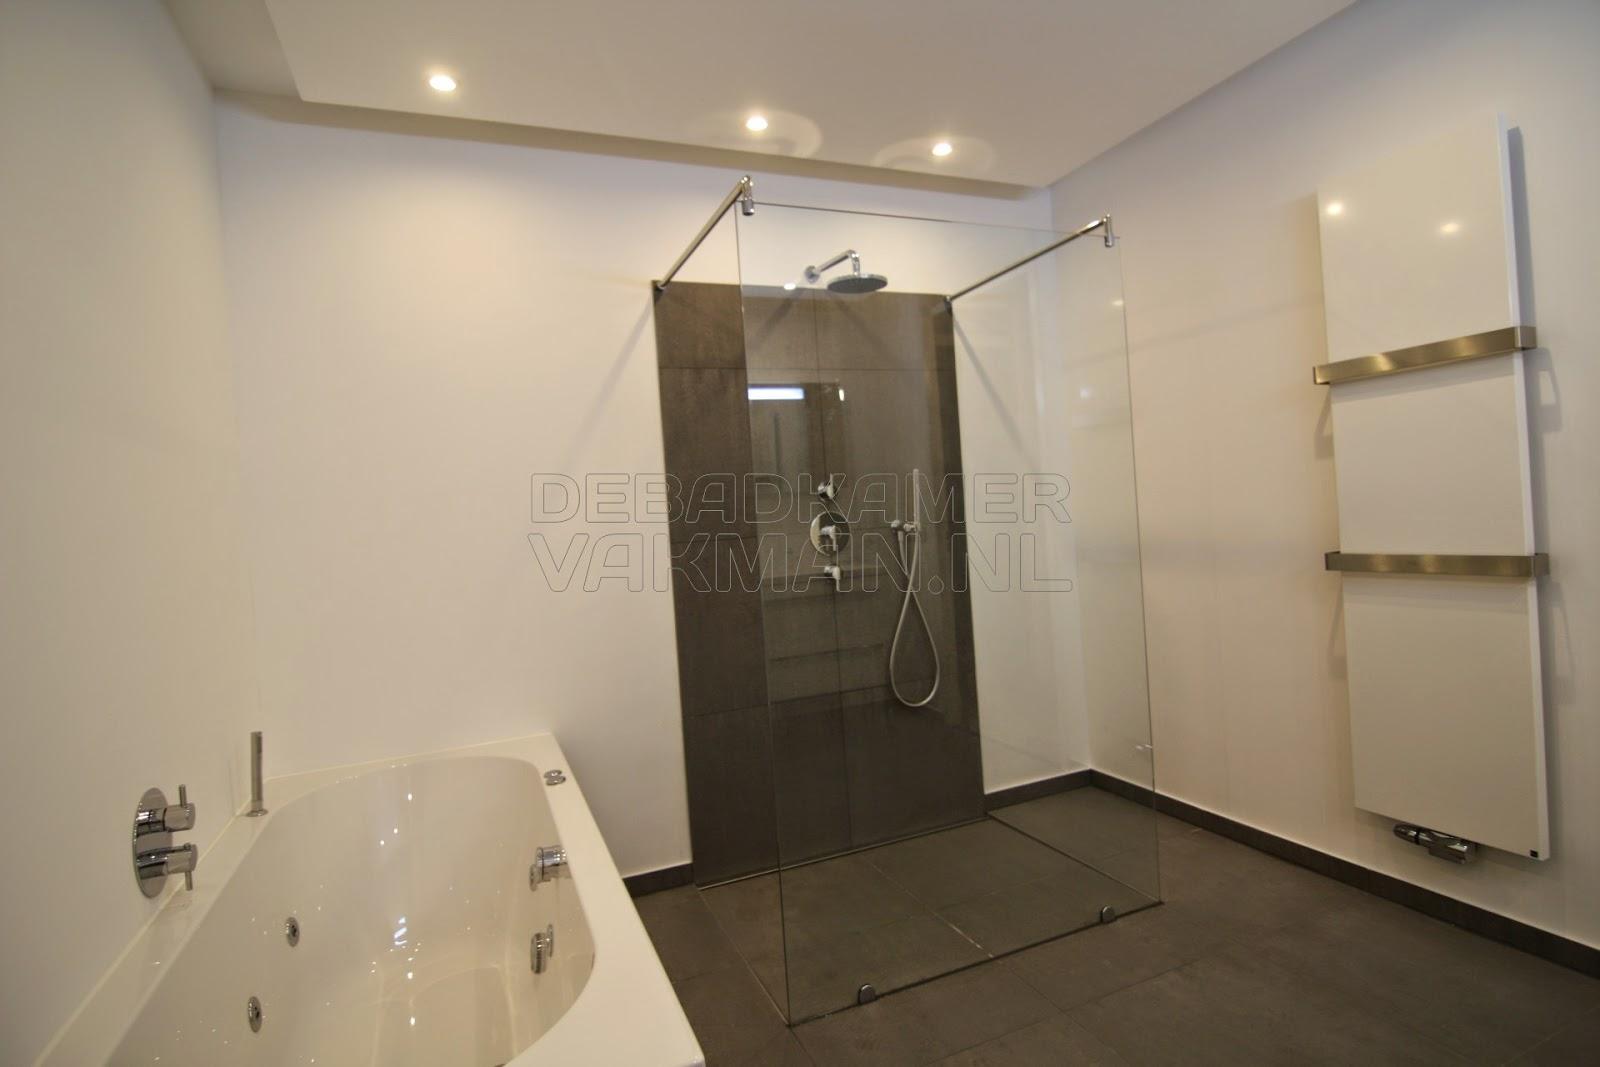 eigentijdse badkamer design modern beste inspiratie voor huis ontwerp